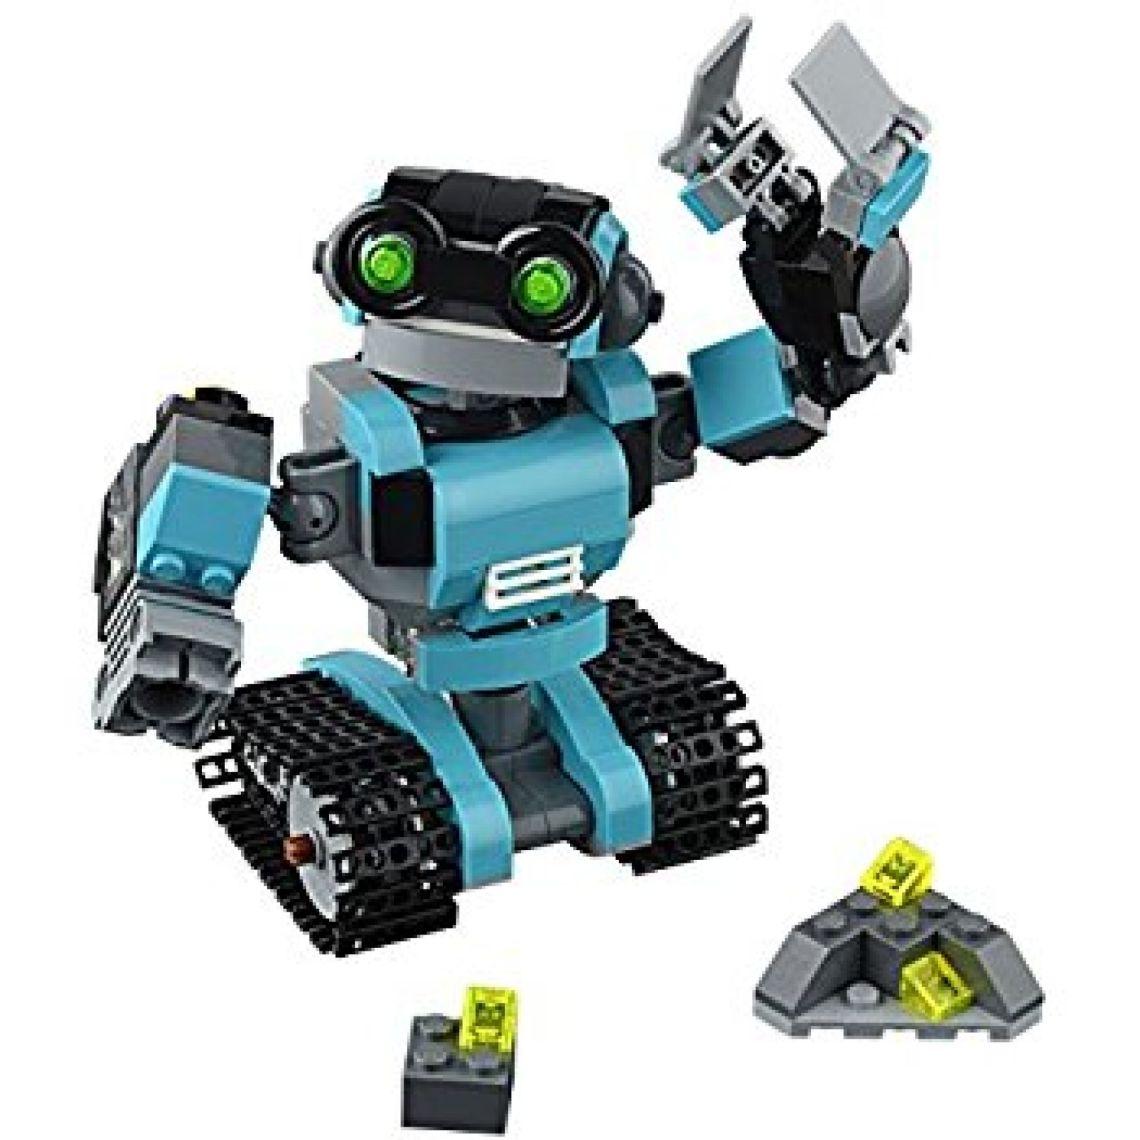 Amazon.com: LEGO Creator Robo Explorer 31062 Robot Toy: Toys & Games